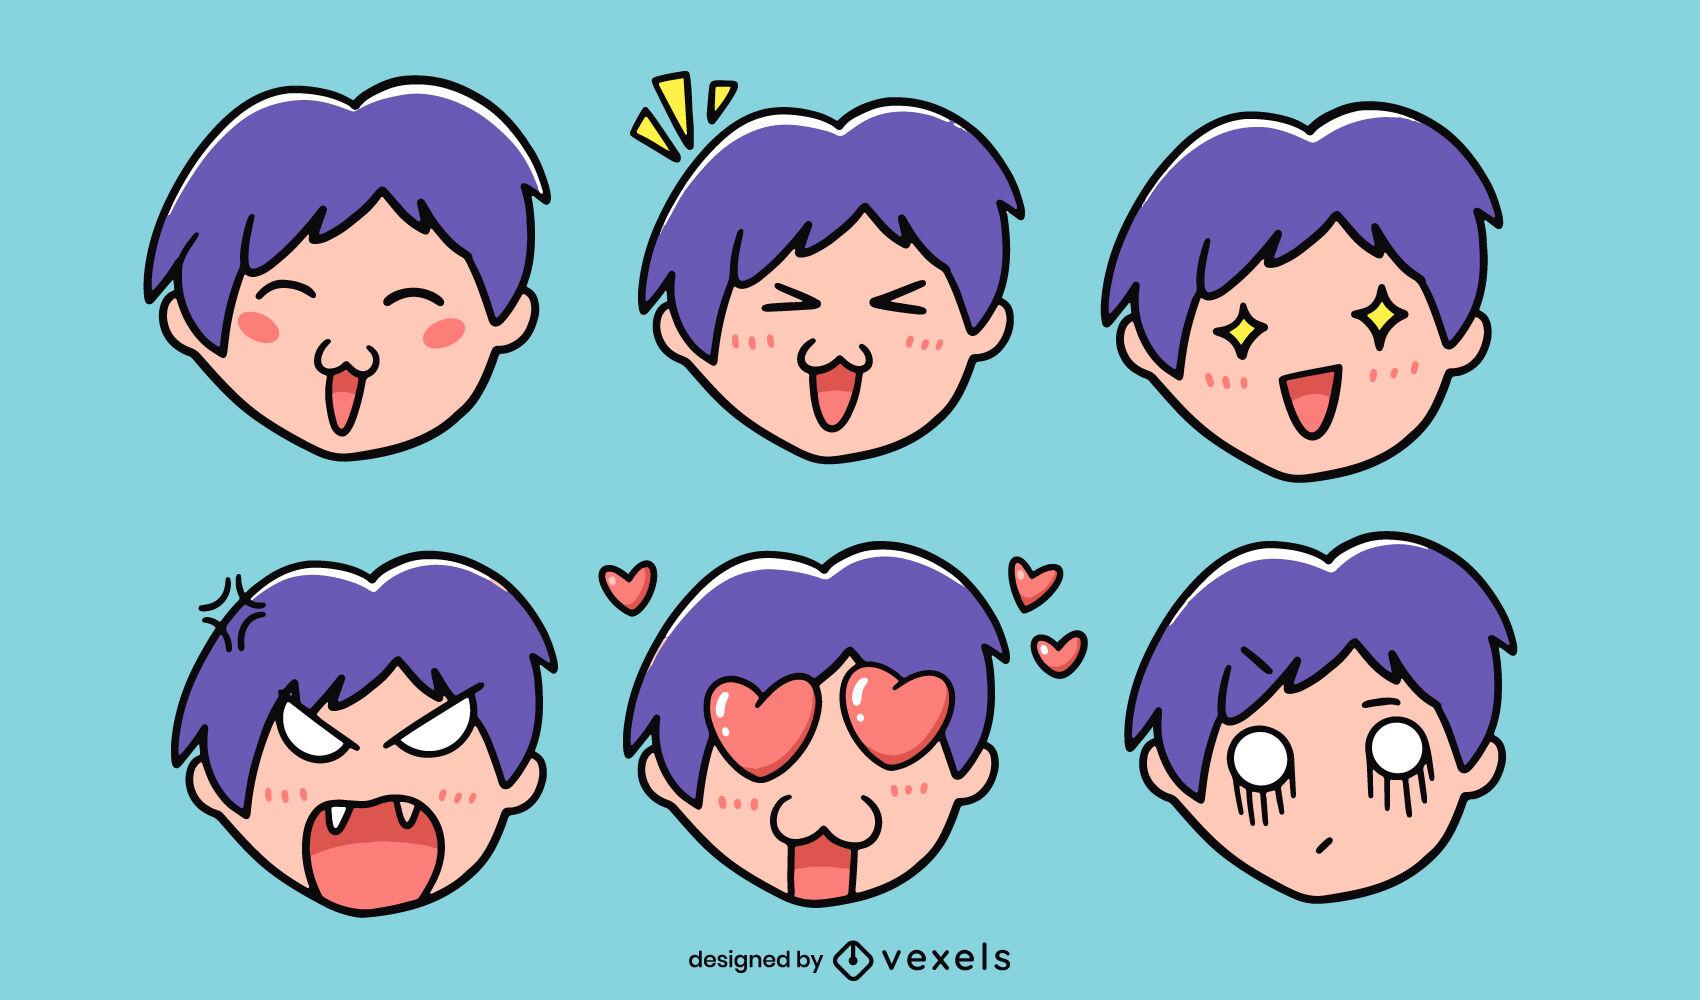 Conjunto de doodle de emociones de chico anime divertido